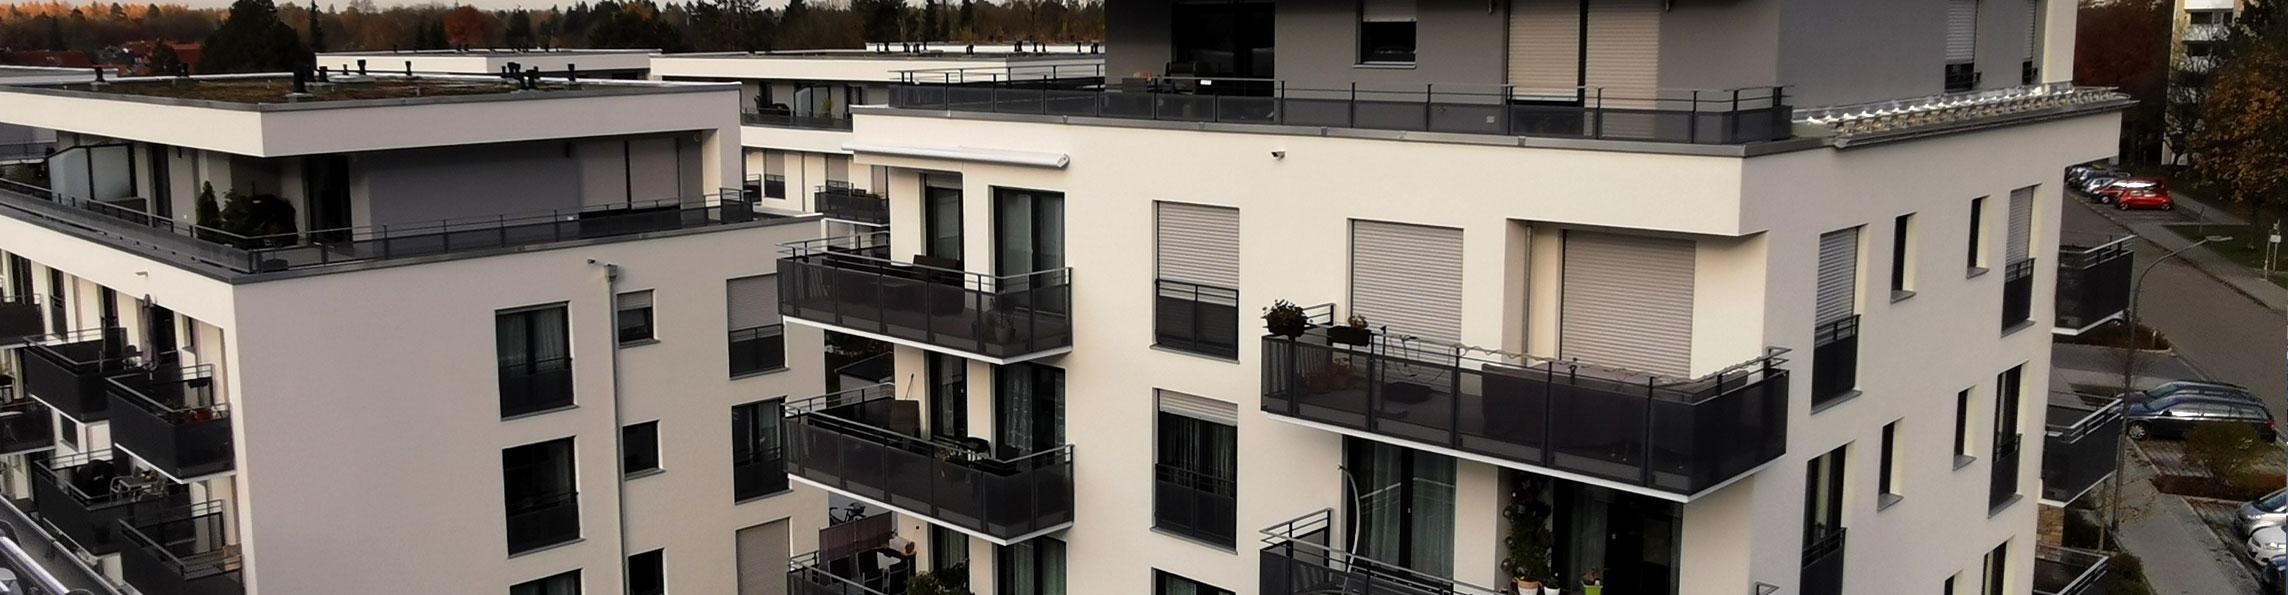 Spinnler Montageservice Fenstertechnik und Innenausbau